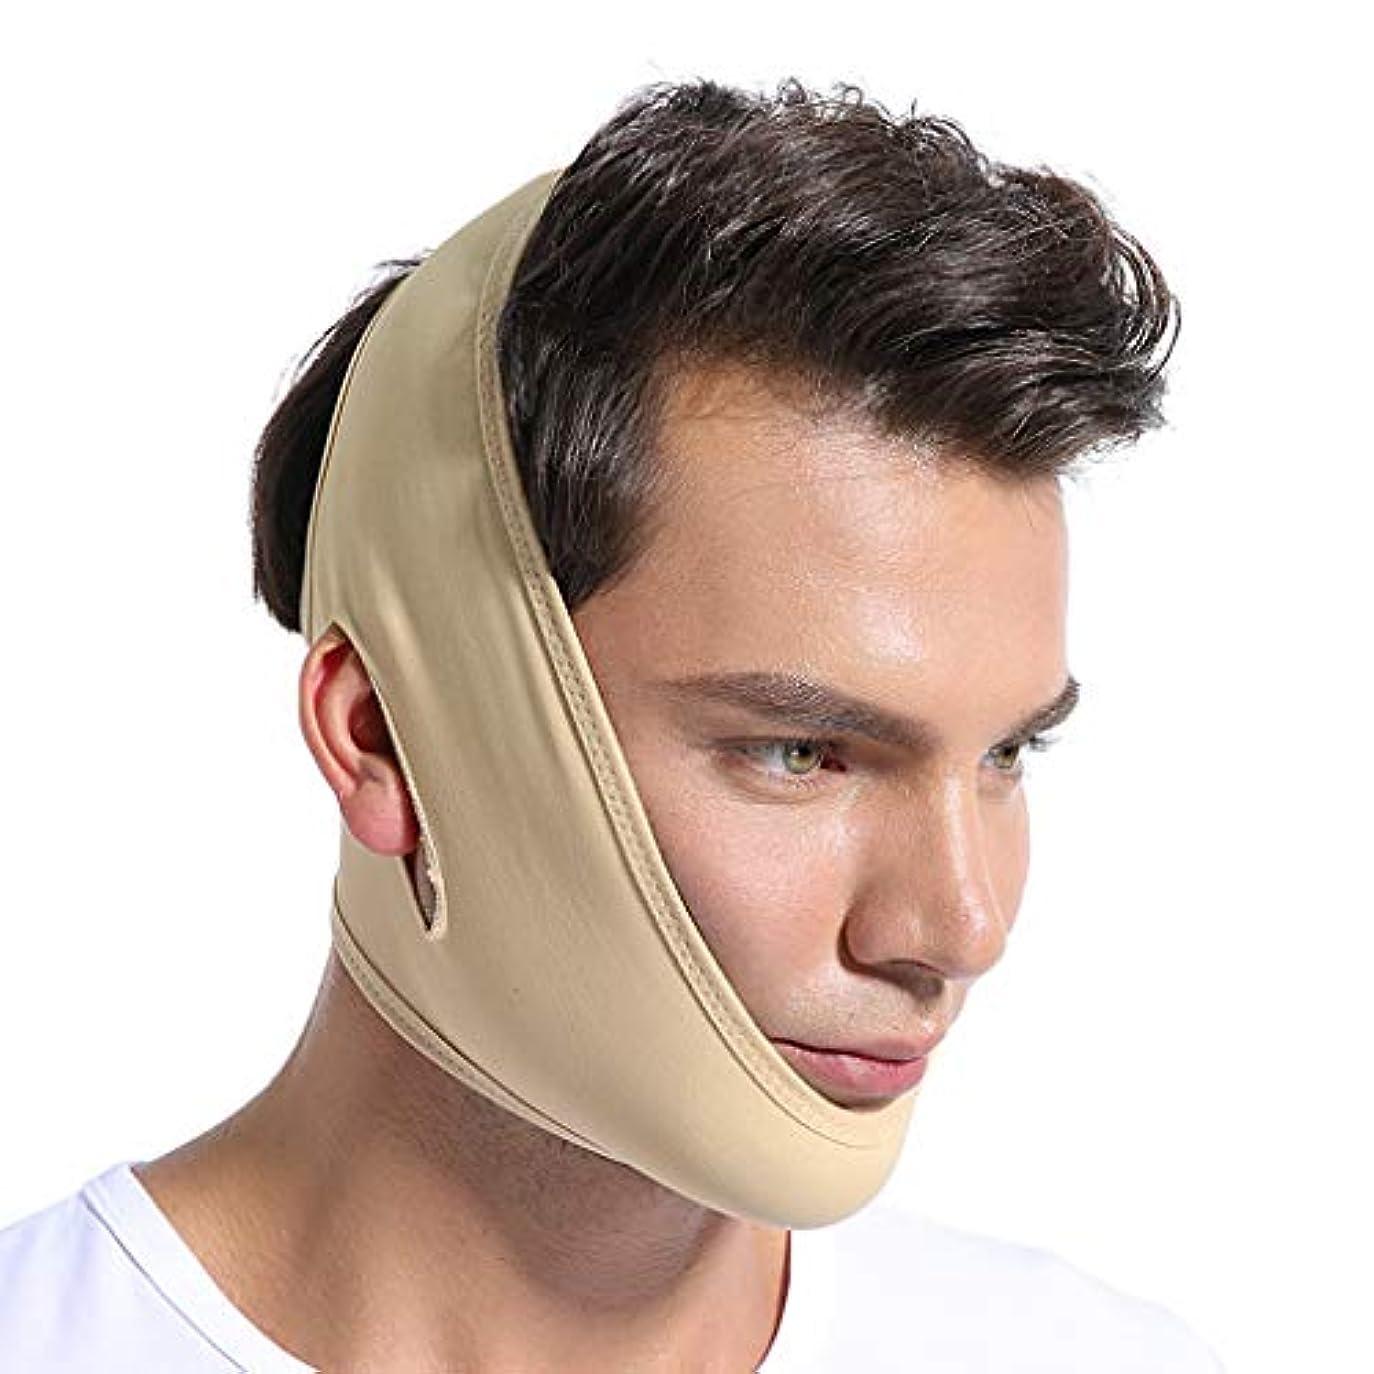 保護叫ぶバルコニー医療ワイヤは、回復回復マスクは、同じ段落を揺るがすネット赤の男性と女性の顔の包帯 v 顔薄い顔アーティファクトを彫る